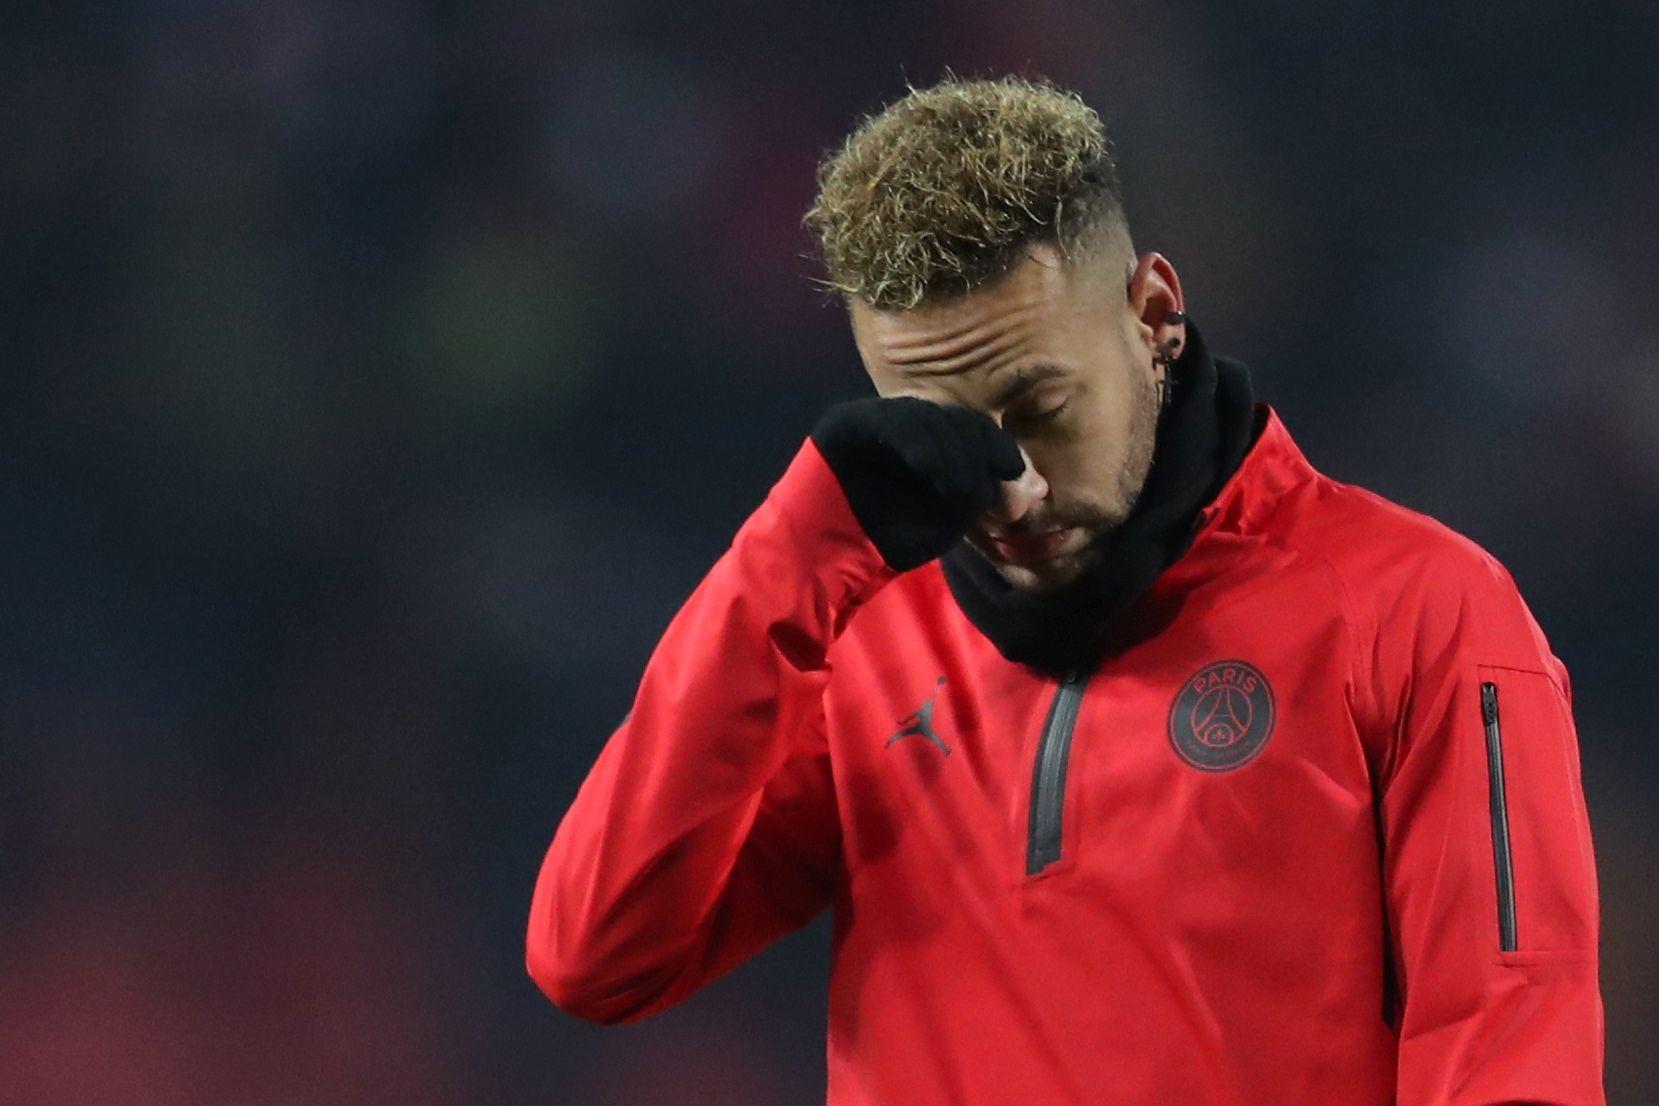 'Desabafo' de Neymar nas redes sociais pode dar suspensão de três jogos